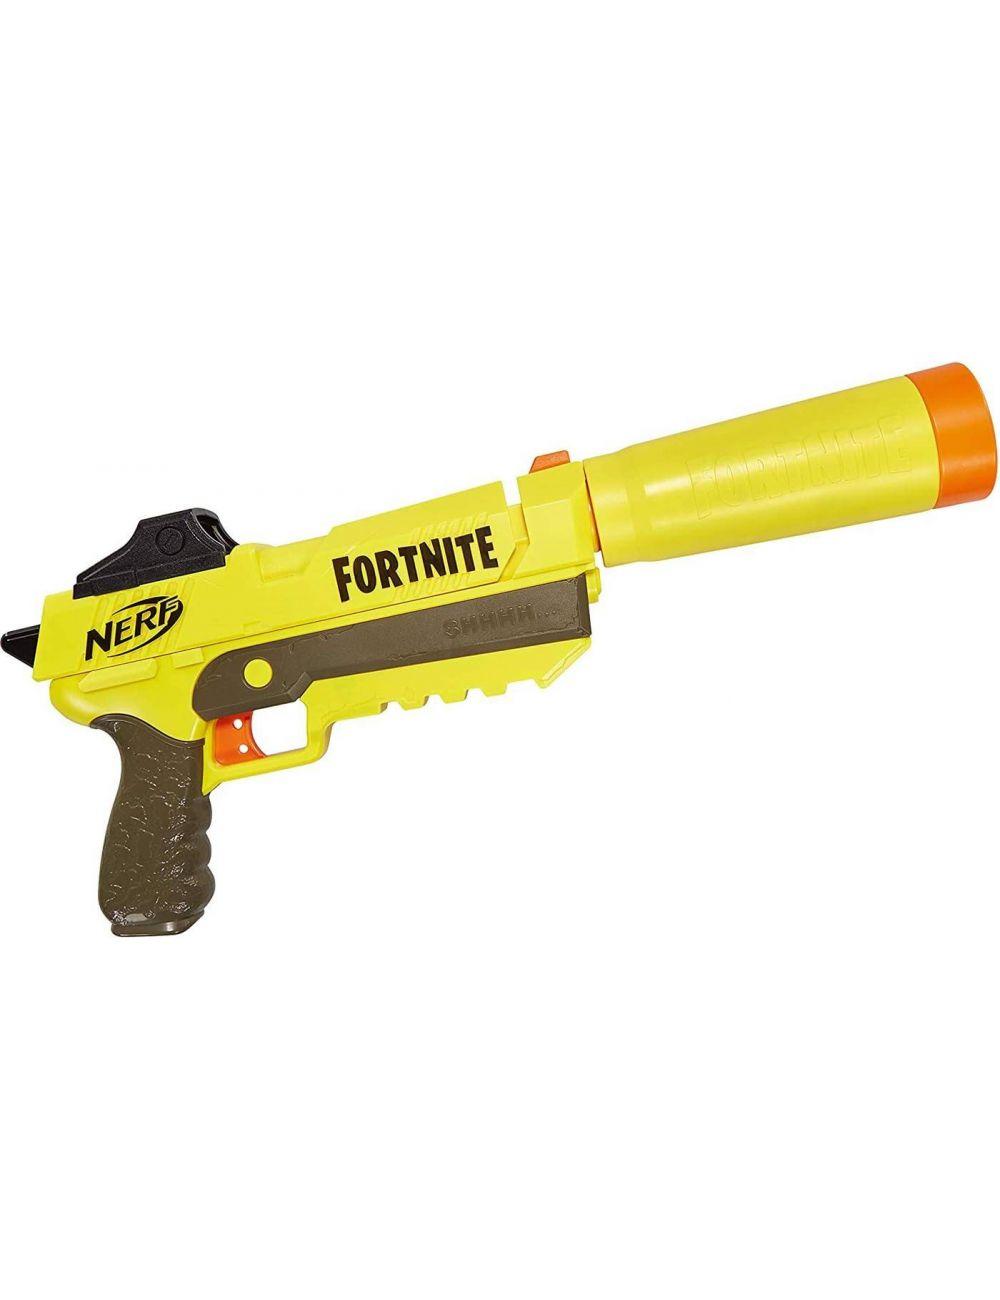 Nerf FORTNITE SP-L Elite Dart Blaster E6717